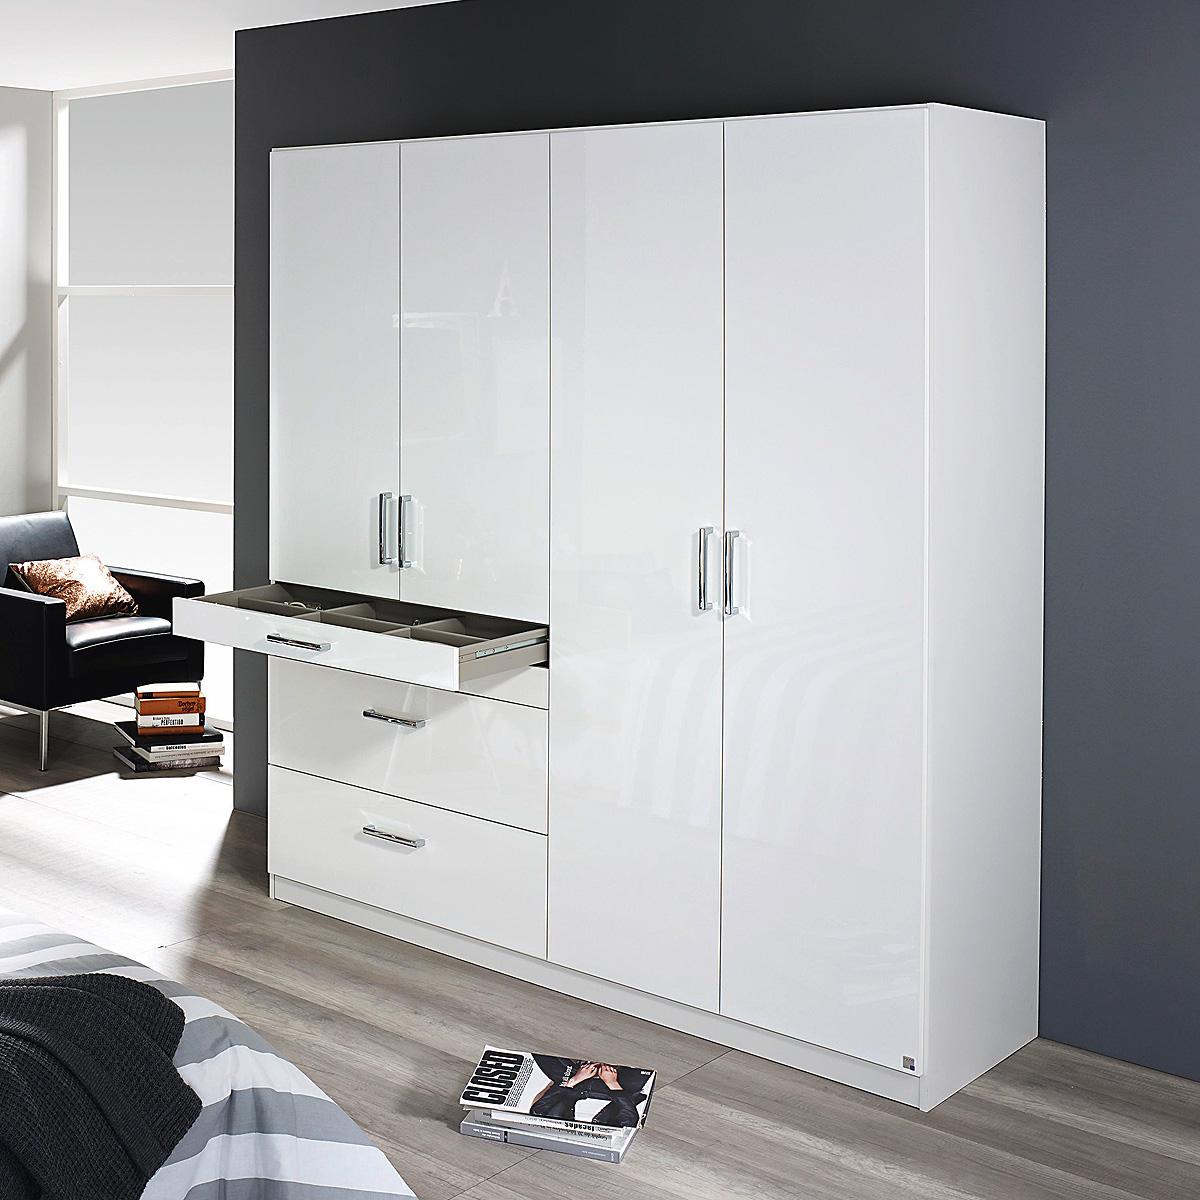 kleiderschrank homburg schrank schlafzimmerschrank in wei hochglanz auswahl ebay. Black Bedroom Furniture Sets. Home Design Ideas